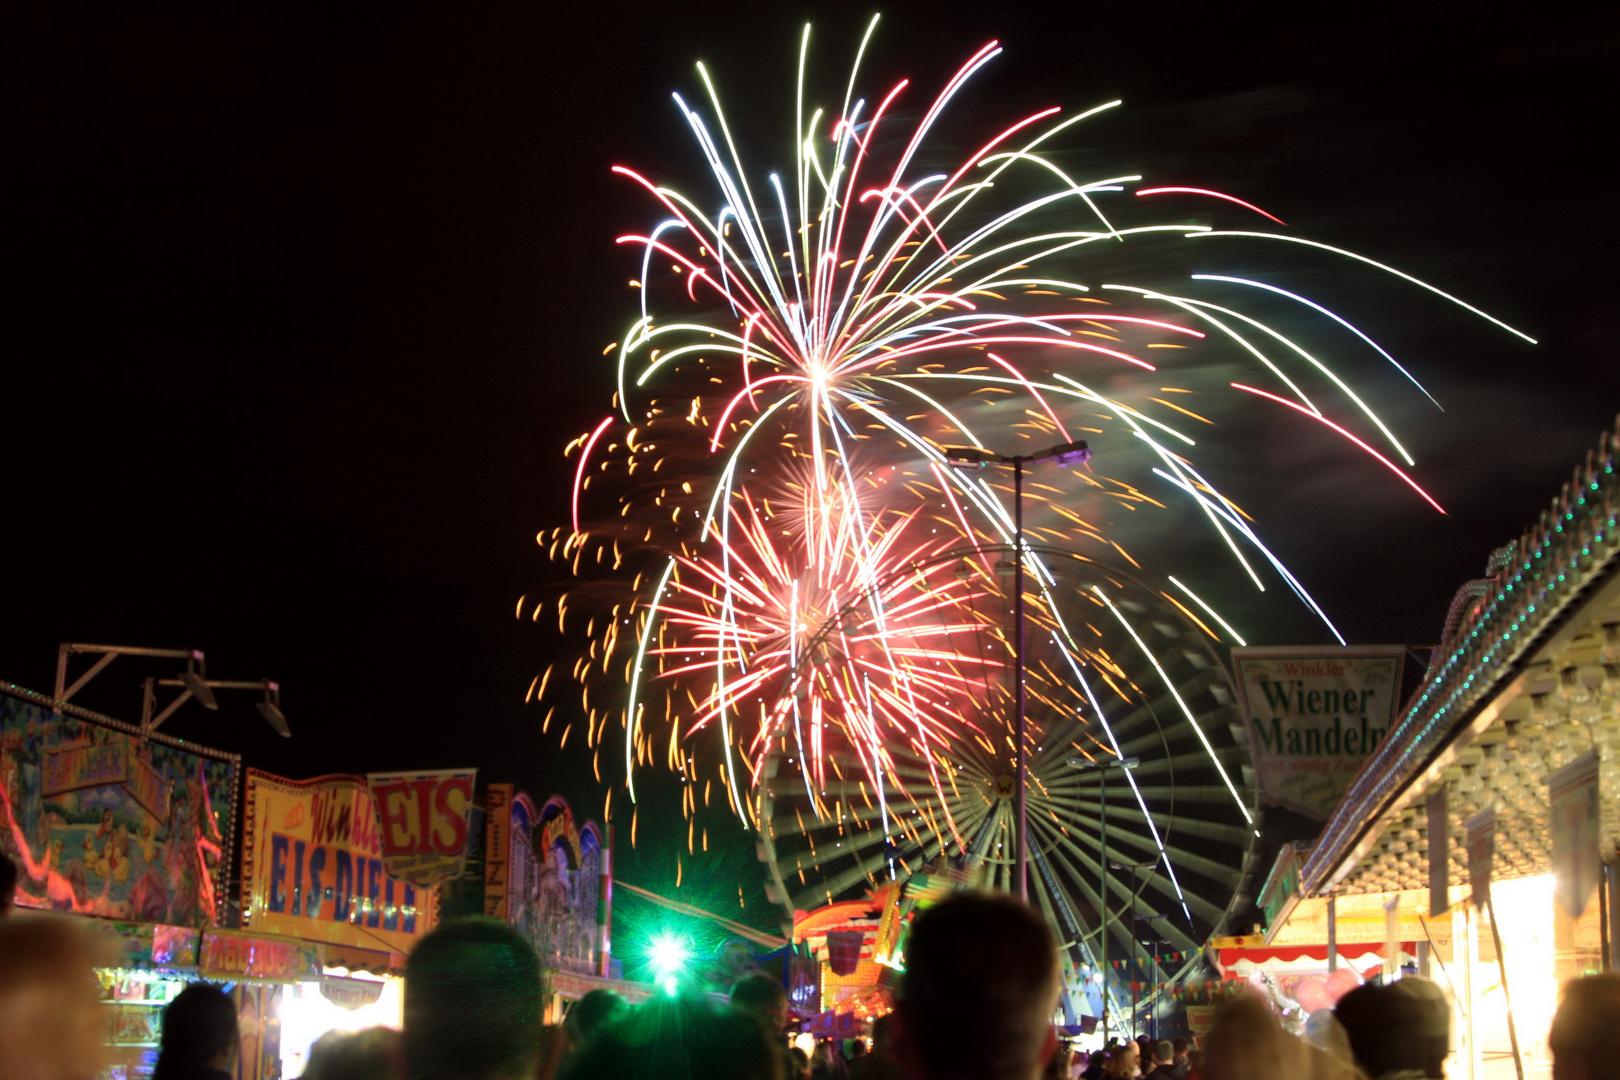 Feuerwerk auf dem Frühlingsfest